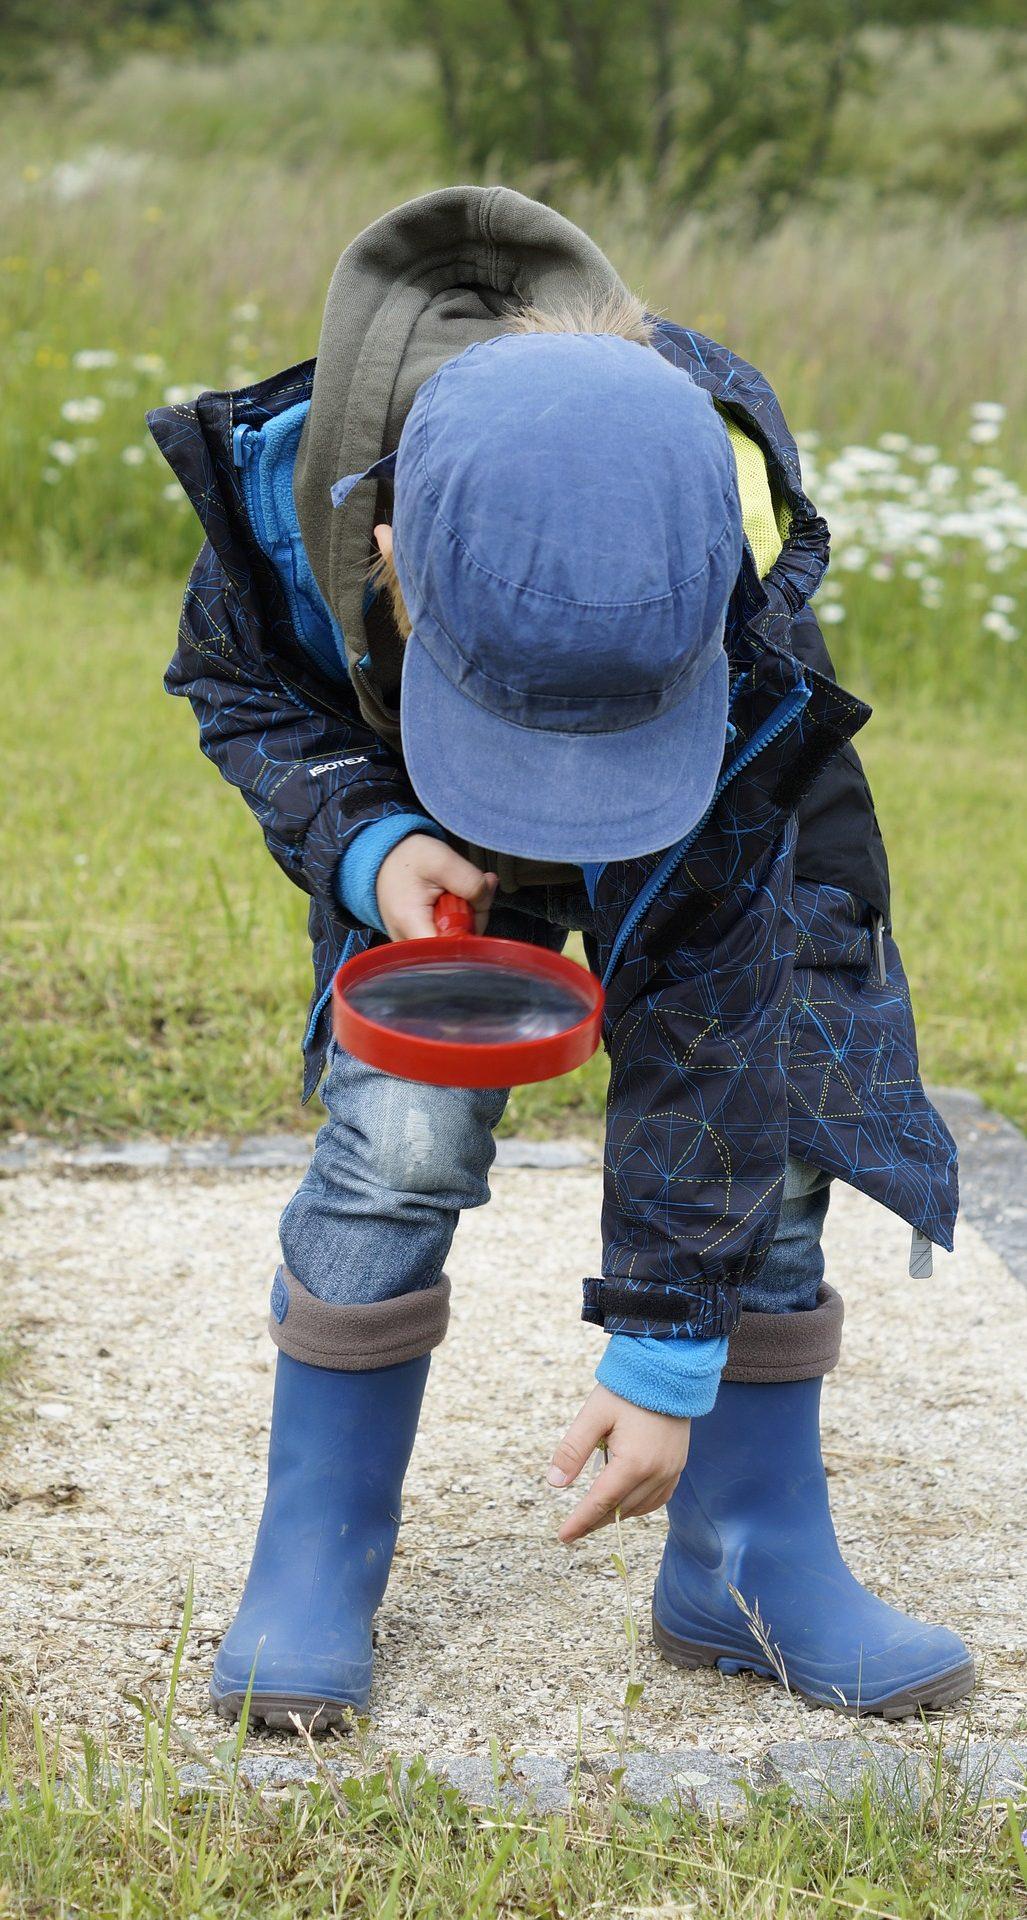 Die Natur entdecken - Kinder sind kleine Forscher und lieben es, Neues zu lernen. Doch sie brauchen dafür Menschen und Materialien, die ihre Entdeckungsreisen ermöglichen und begleiten.